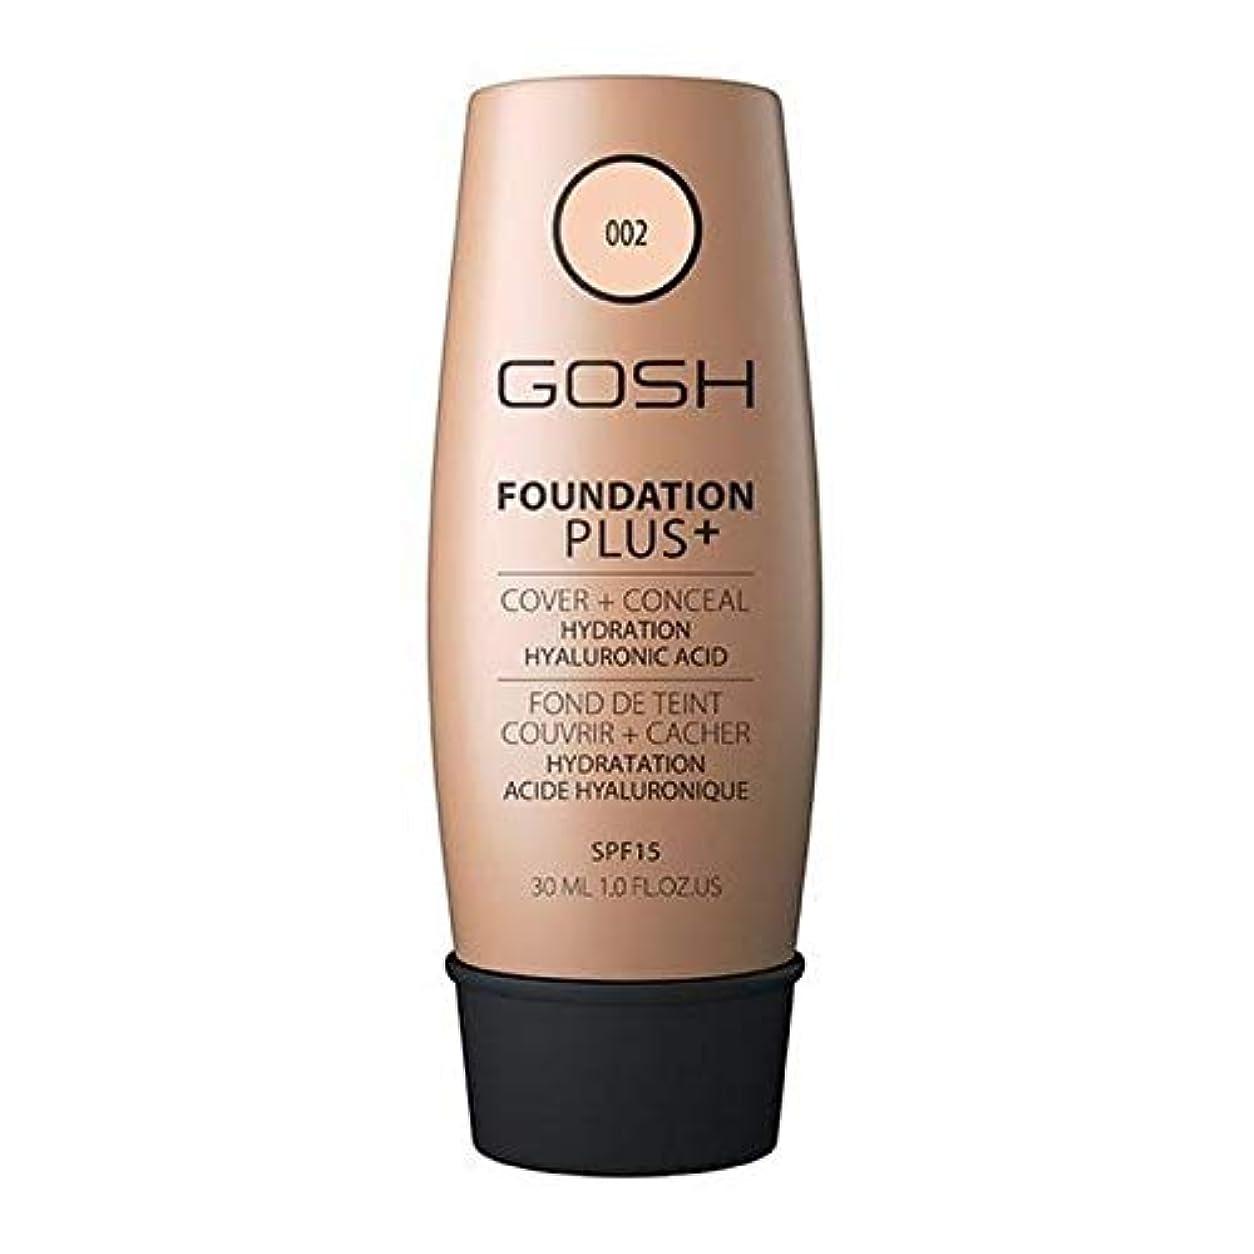 僕の北極圏一回[GOSH ] おやっ基礎プラス+アイボリー002 - Gosh Foundation Plus+ Ivory 002 [並行輸入品]